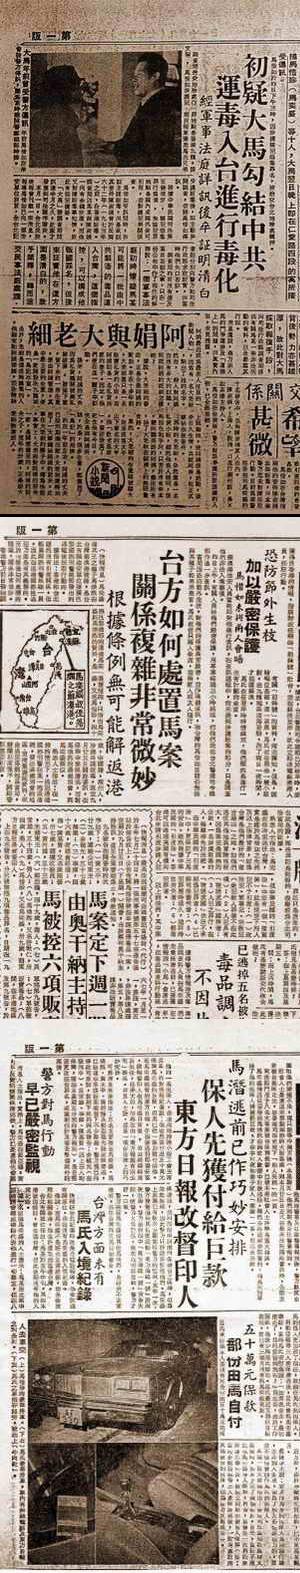 東方報業控告Uwants誹謗事件